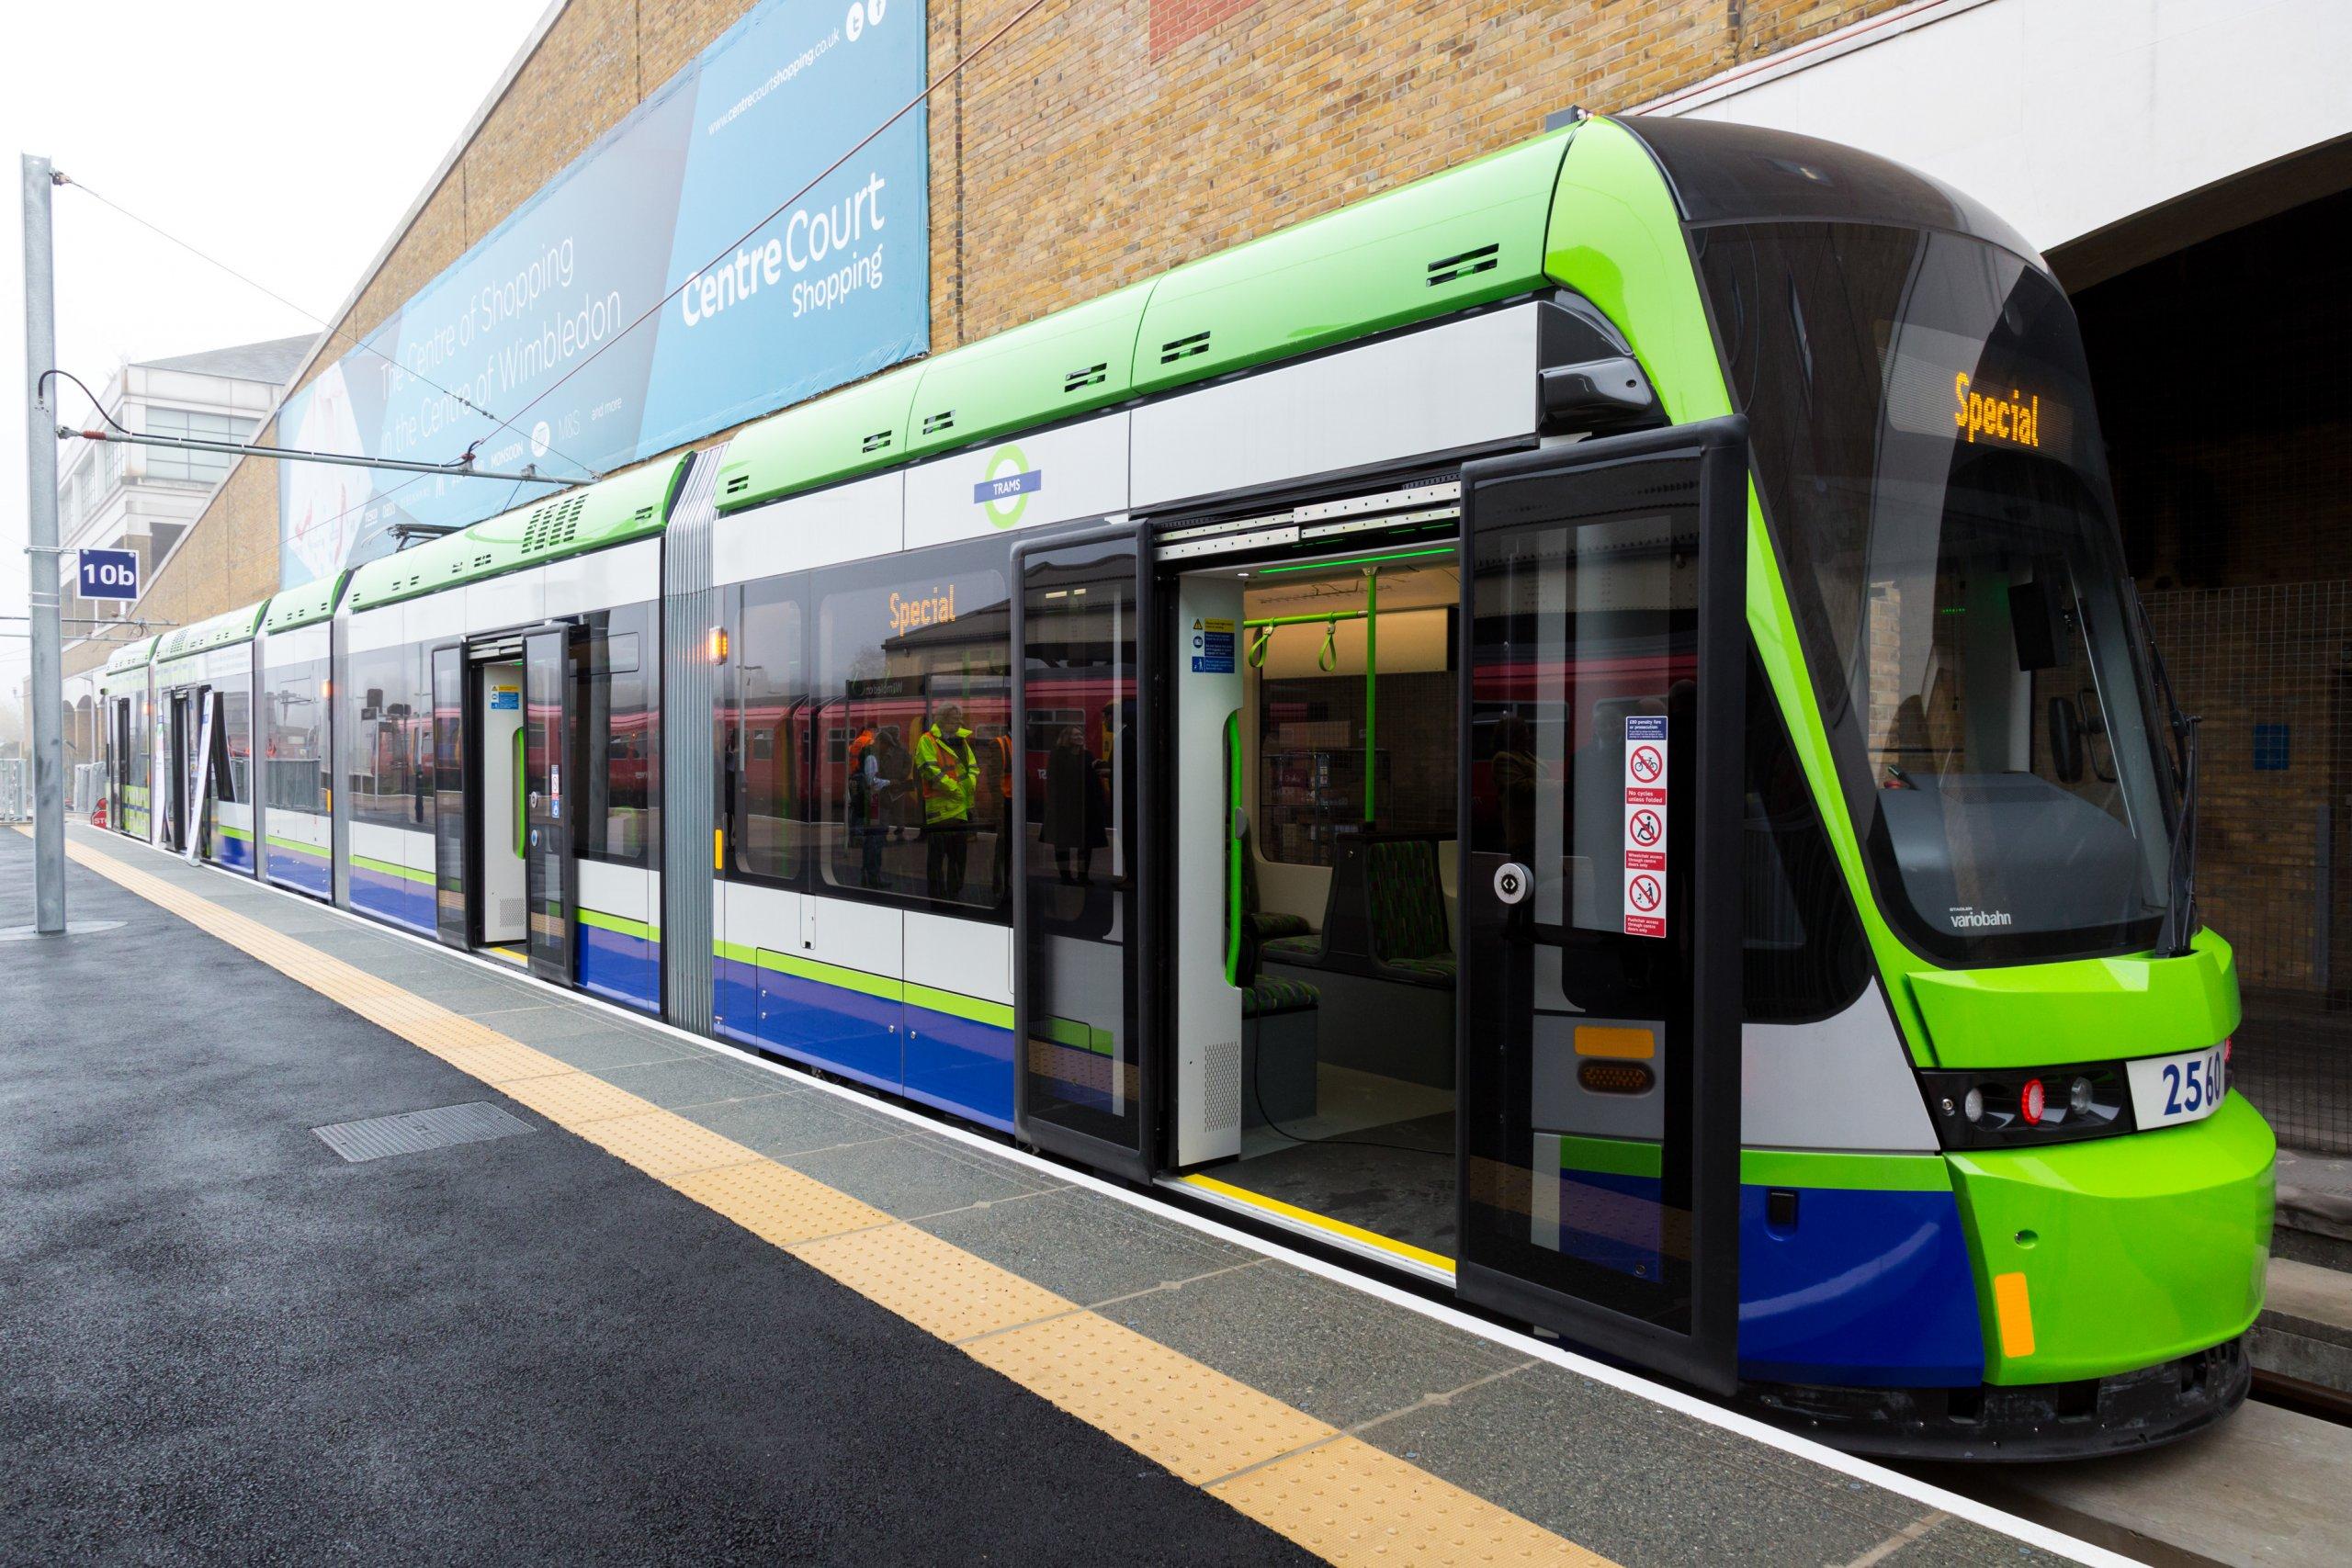 倫敦交通 11種交通工具全攻略:電車Tram